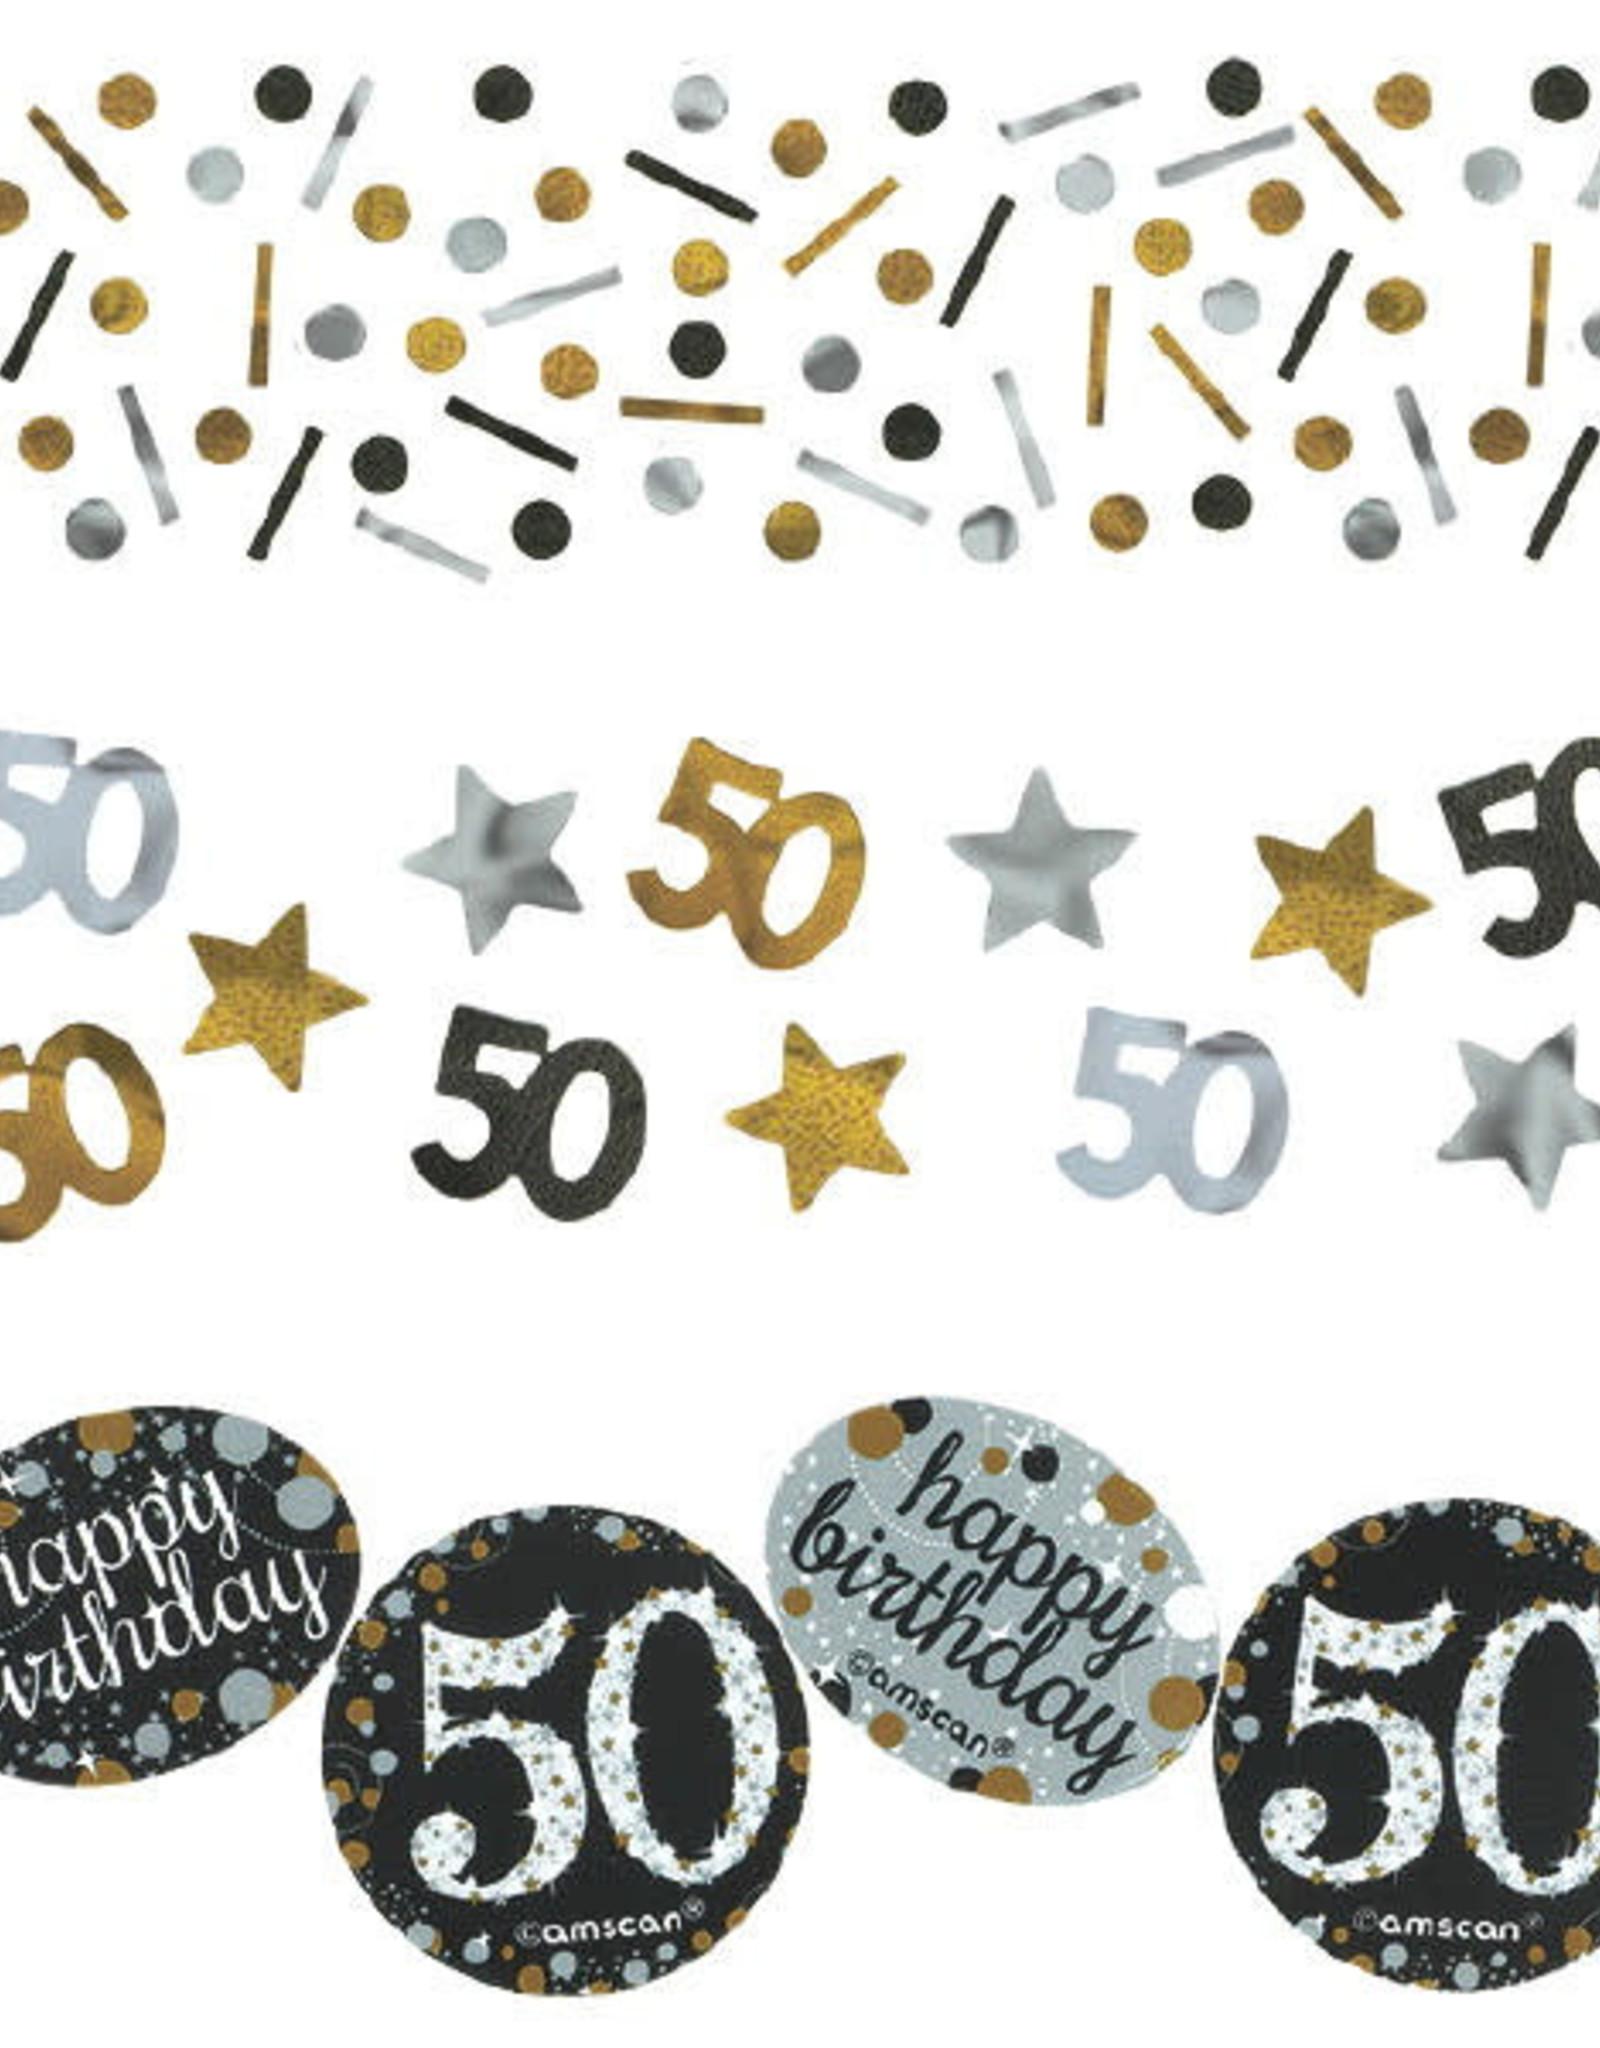 50th Birthday Gold & Black Value Confetti 1.2oz